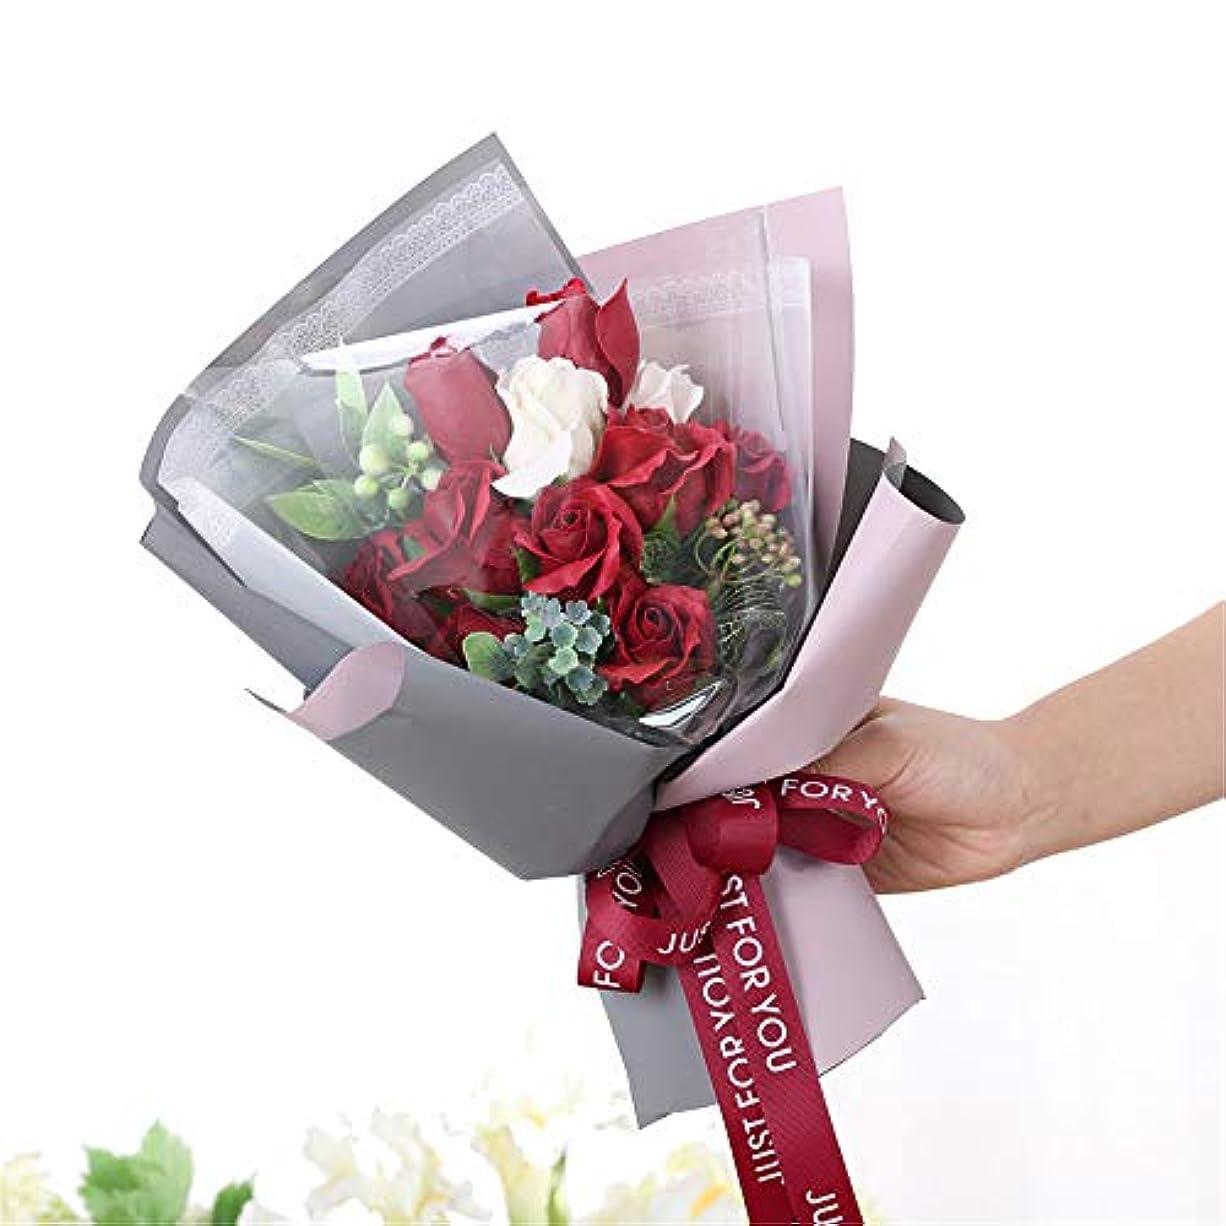 早める薬を飲む参照する手作りのバラ石鹸フラワーブーケのギフトボックス、女性のためのギフトバレンタインデー、母の日、結婚式、クリスマス、誕生日を愛した女の子 (色 : 赤)